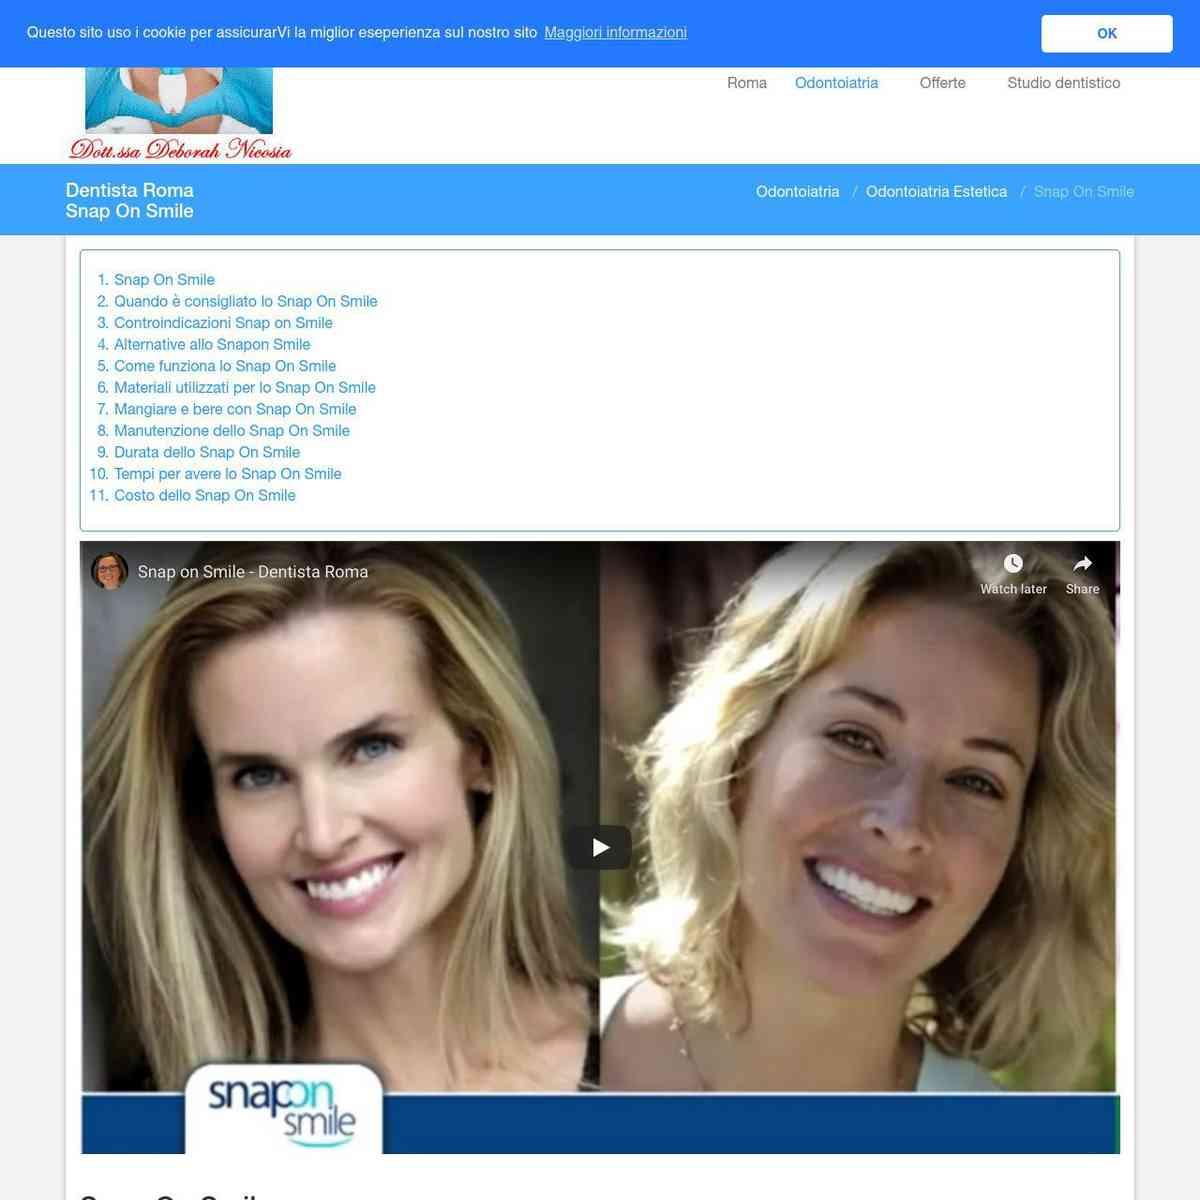 Snap On Smile - Dentista Roma